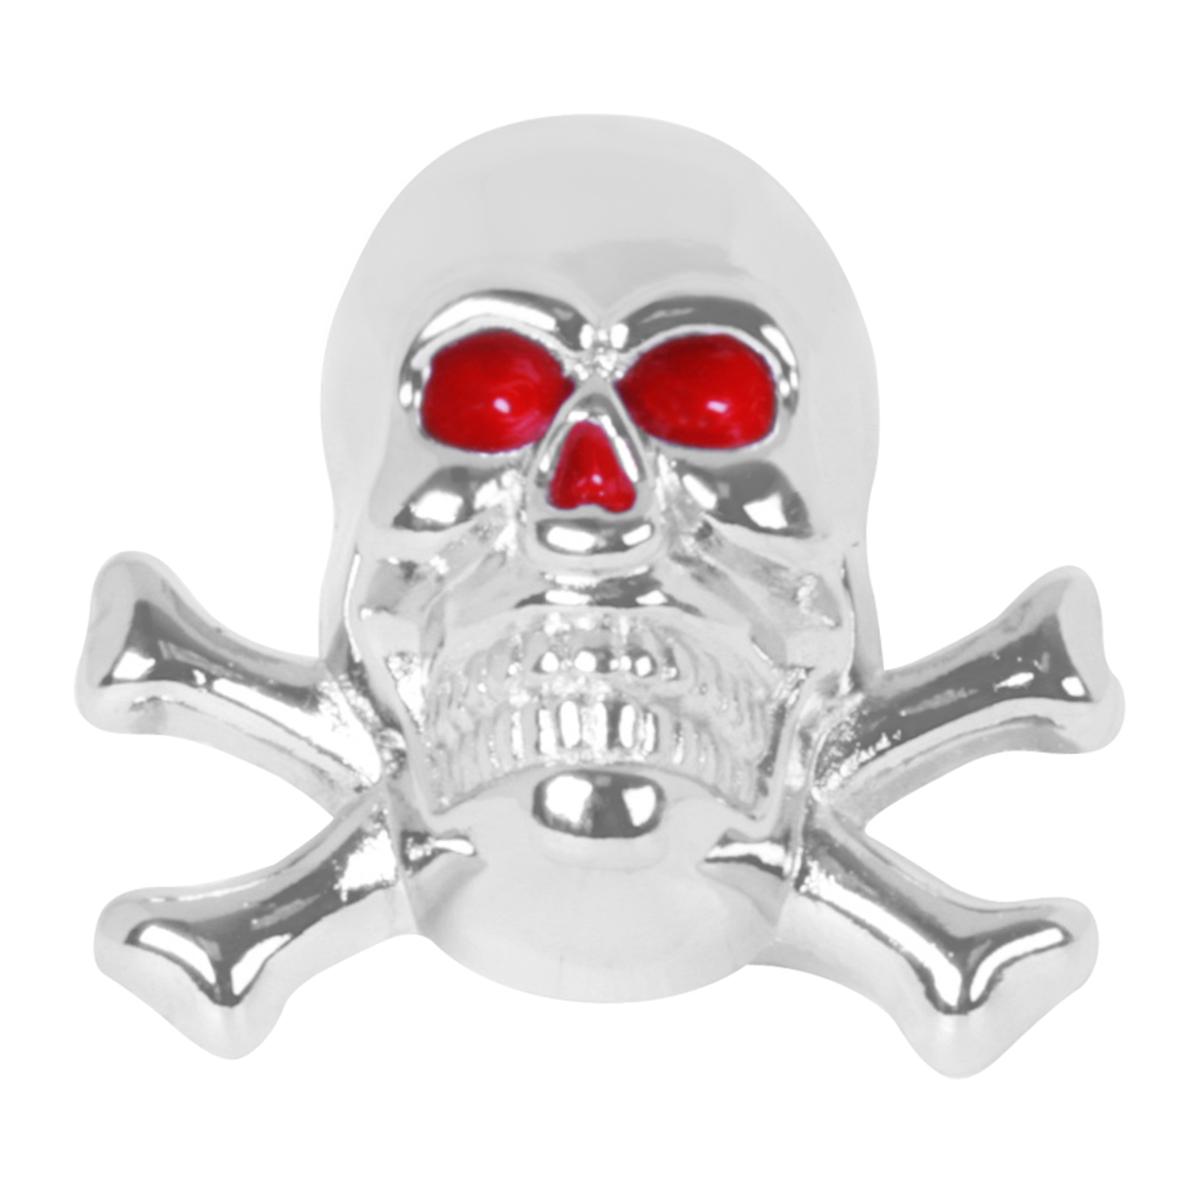 50551 Skull with Cross Bones License Plate Fastener Set